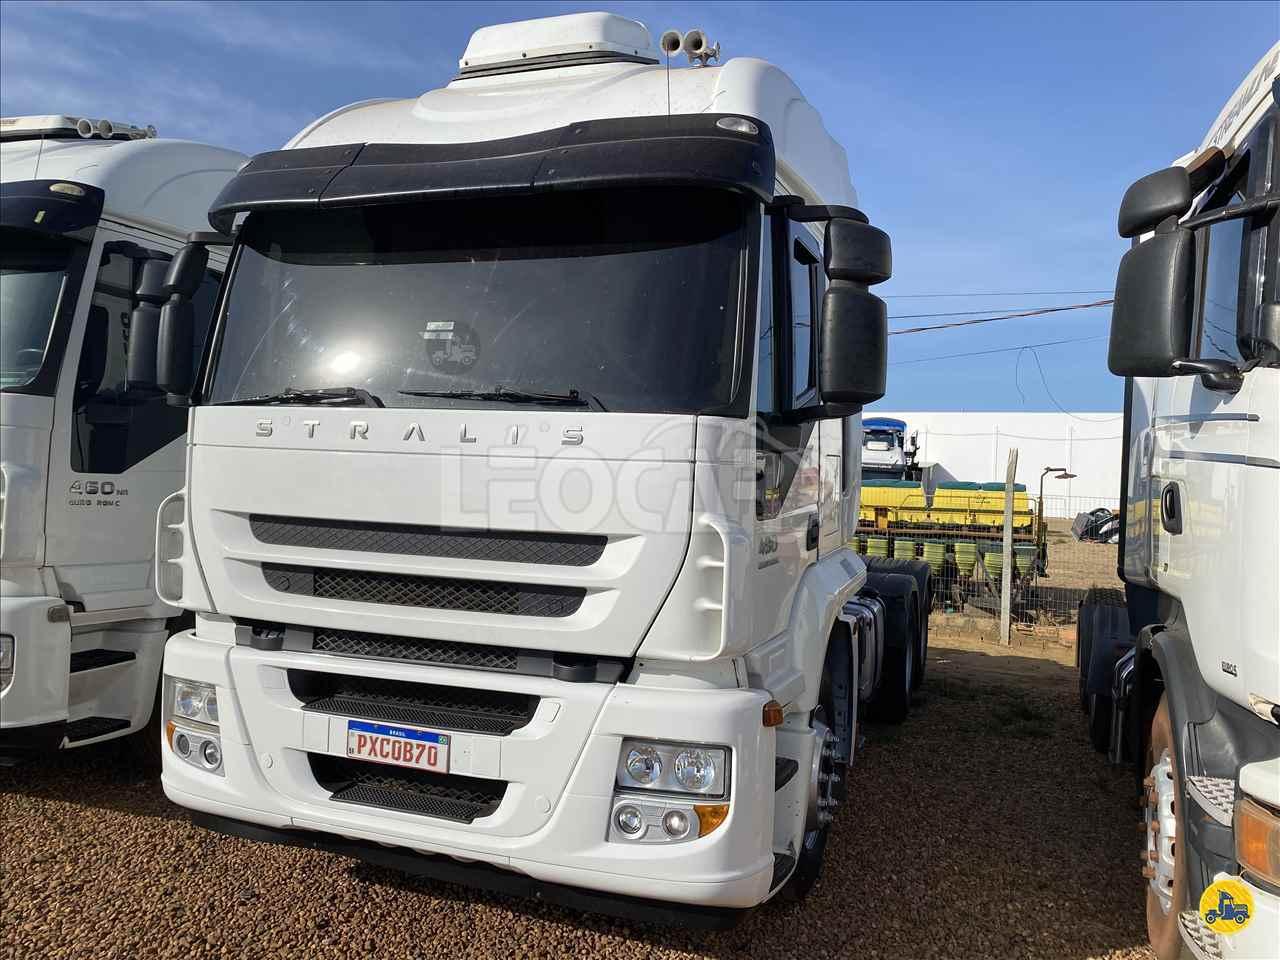 CAMINHAO IVECO STRALIS 480 Cavalo Mecânico Traçado 6x4 Leocar Caminhões PRIMAVERA DO LESTE MATO GROSSO MT